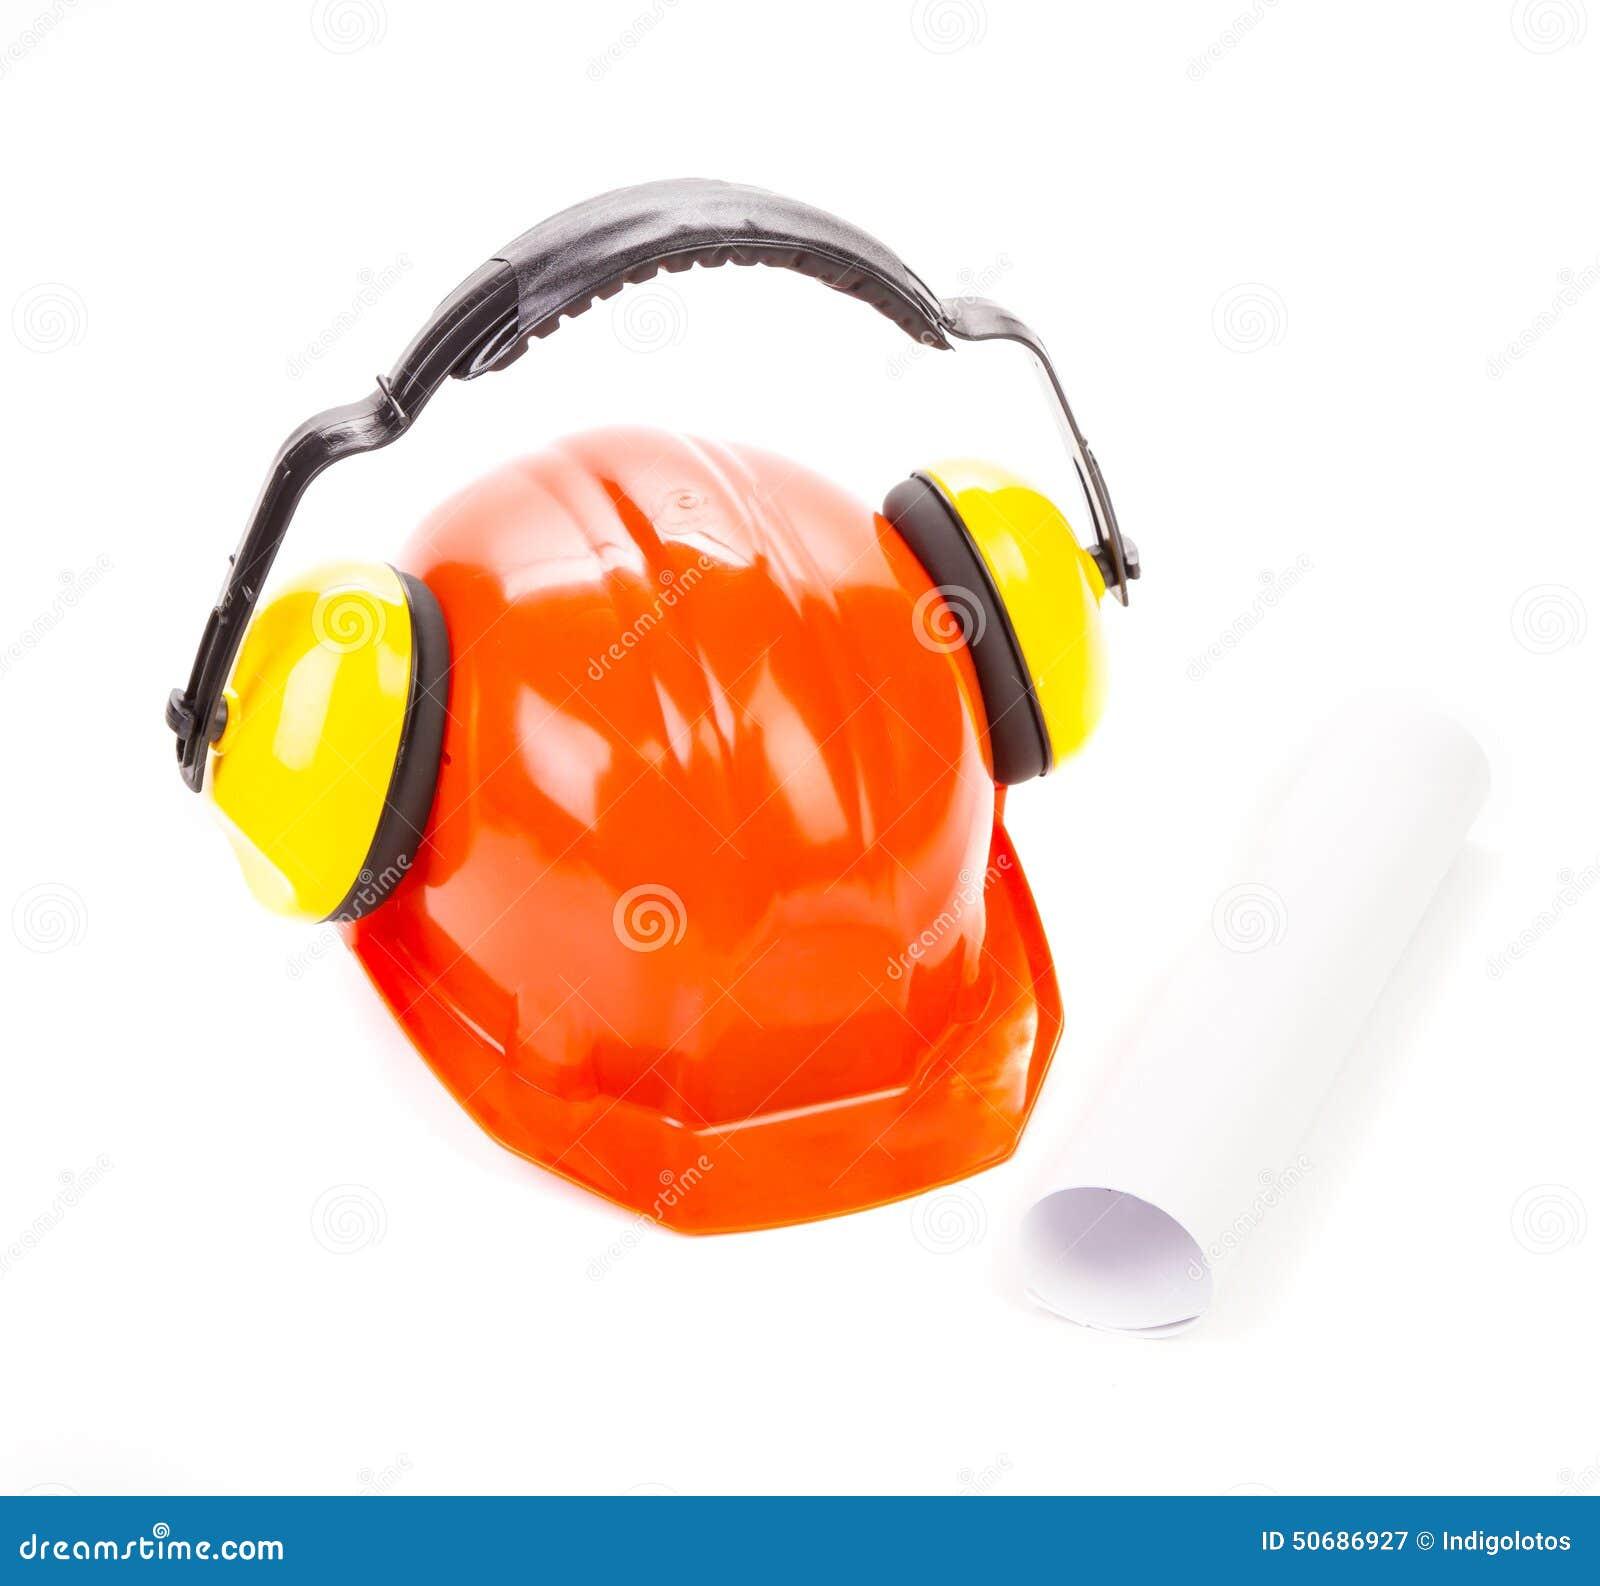 Download 与耳机的红色安全帽 库存图片. 图片 包括有 塑料, 健康, 耳机, 仔细, 红色, 衣物, 盔甲, 绿色 - 50686927